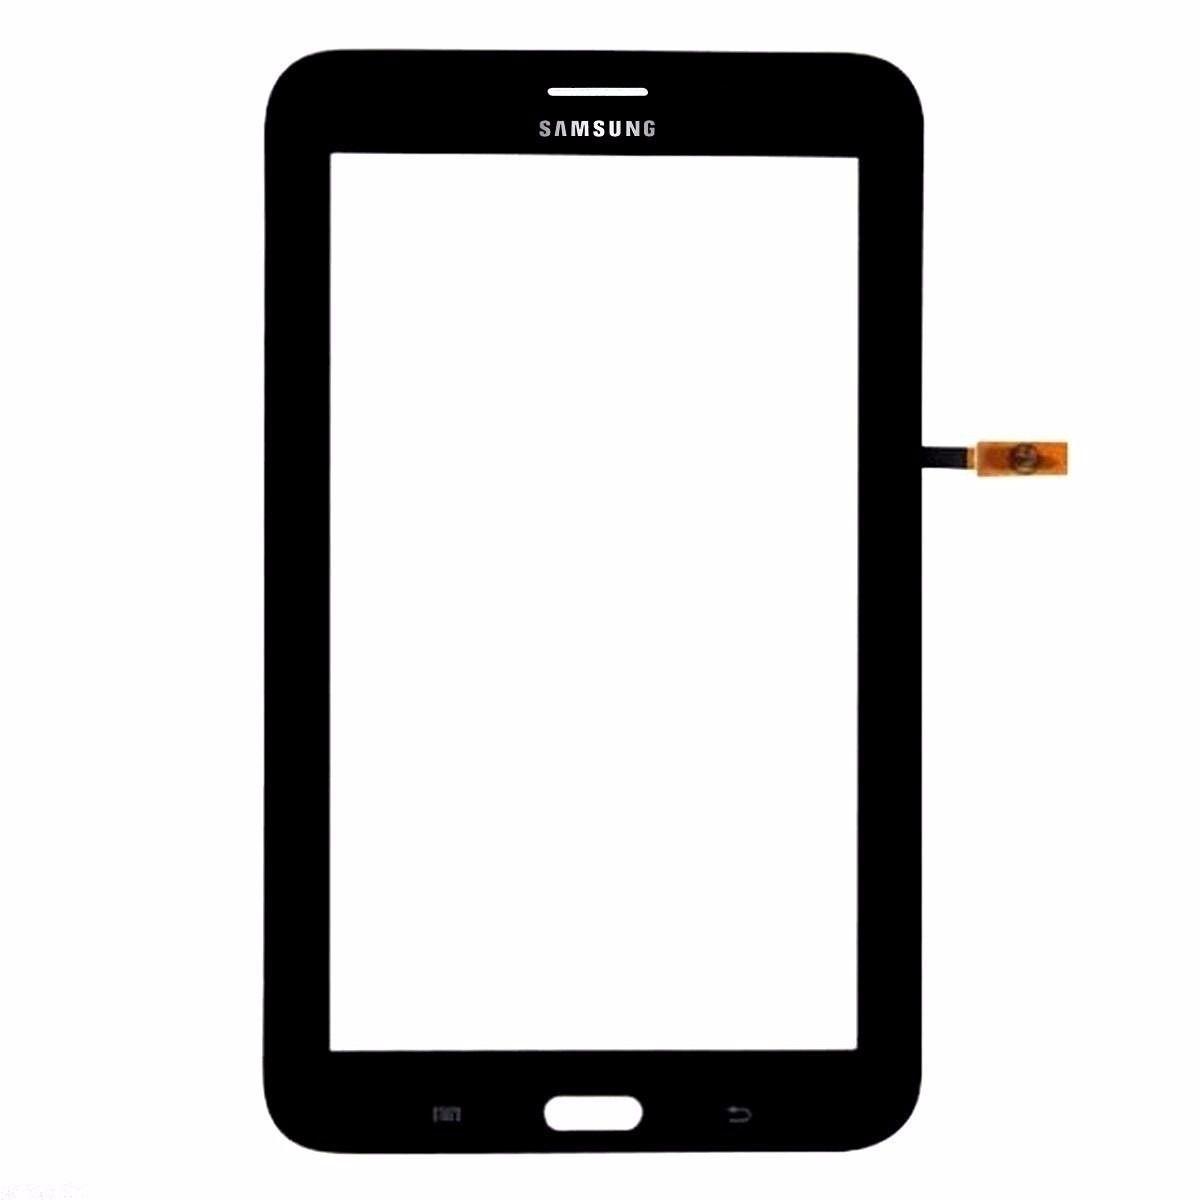 Tela Vidro Touch Screen Tablet   Samsung Galaxy Tablet Sm-t111 T111 Tab 3 Preto